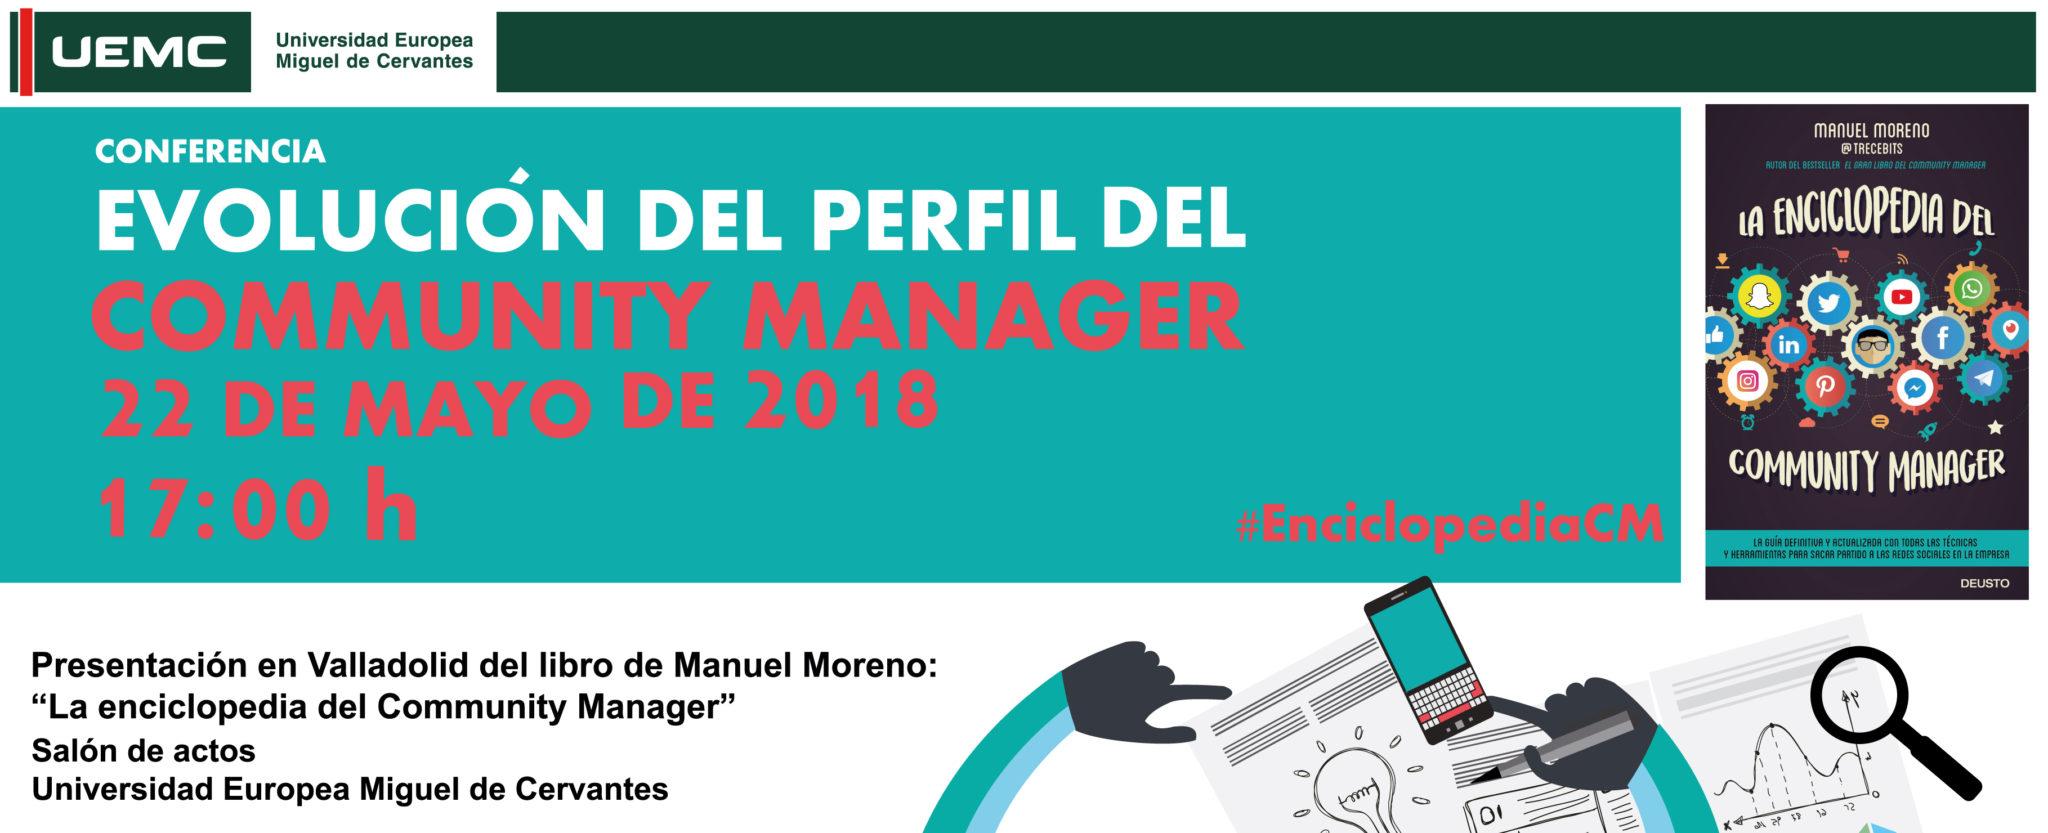 La Universidad Europea Miguel de Cervantes acoge una conferencia sobre gestión de redes sociales y evolución del perfil del community manager